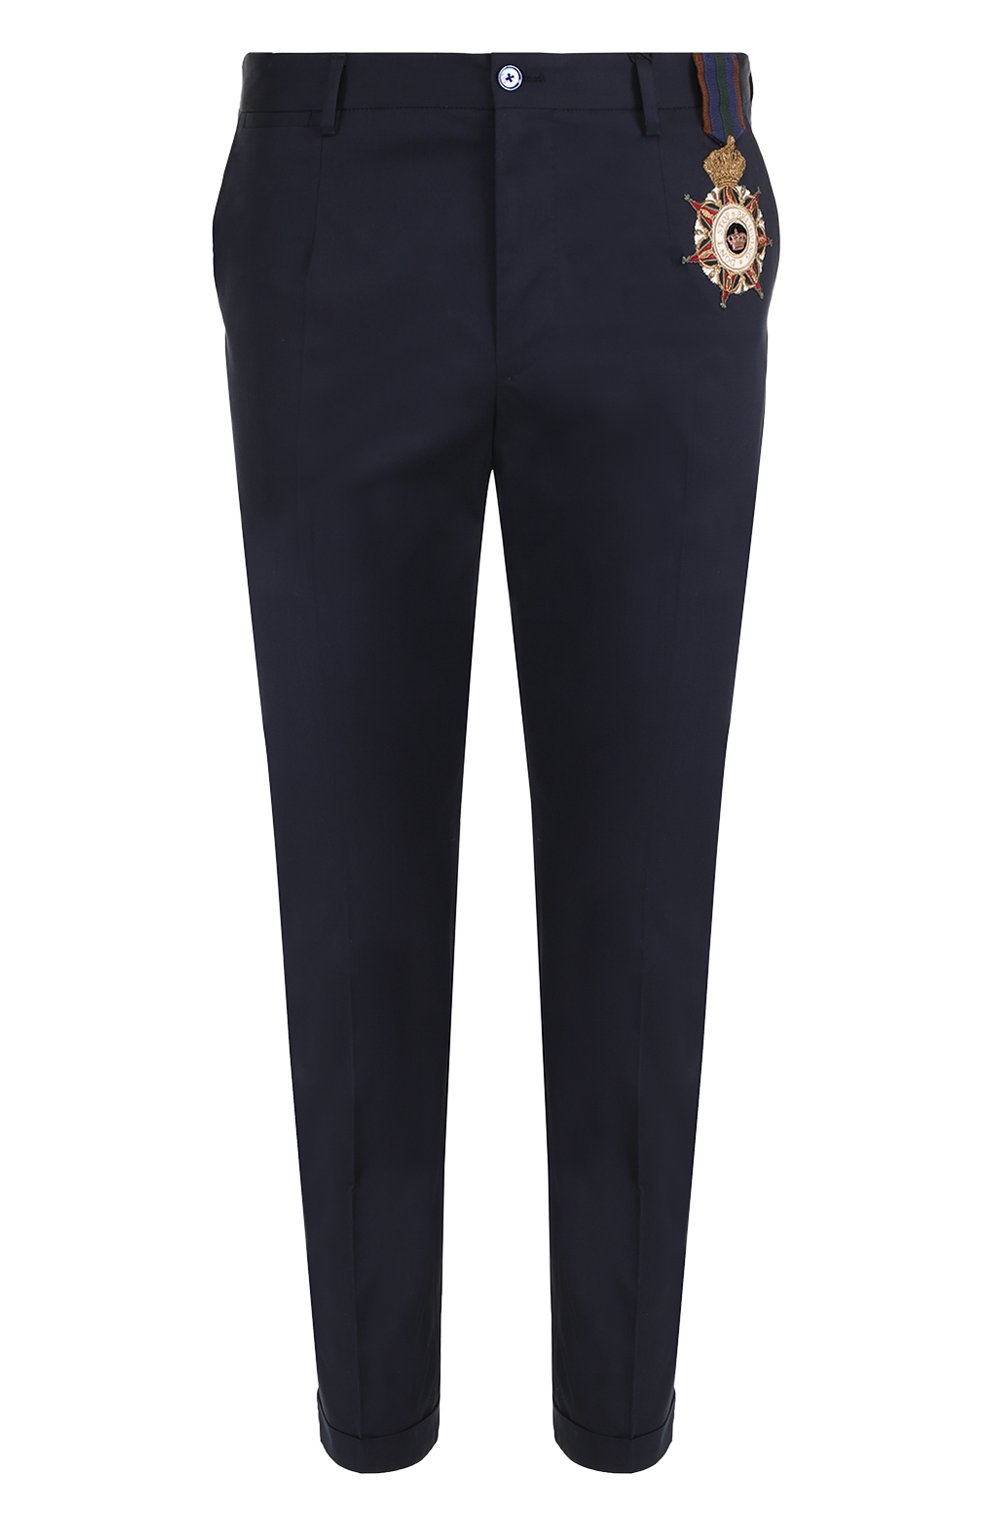 Хлопковые брюки прямого кроя с контрастной вышивкой   Фото №1